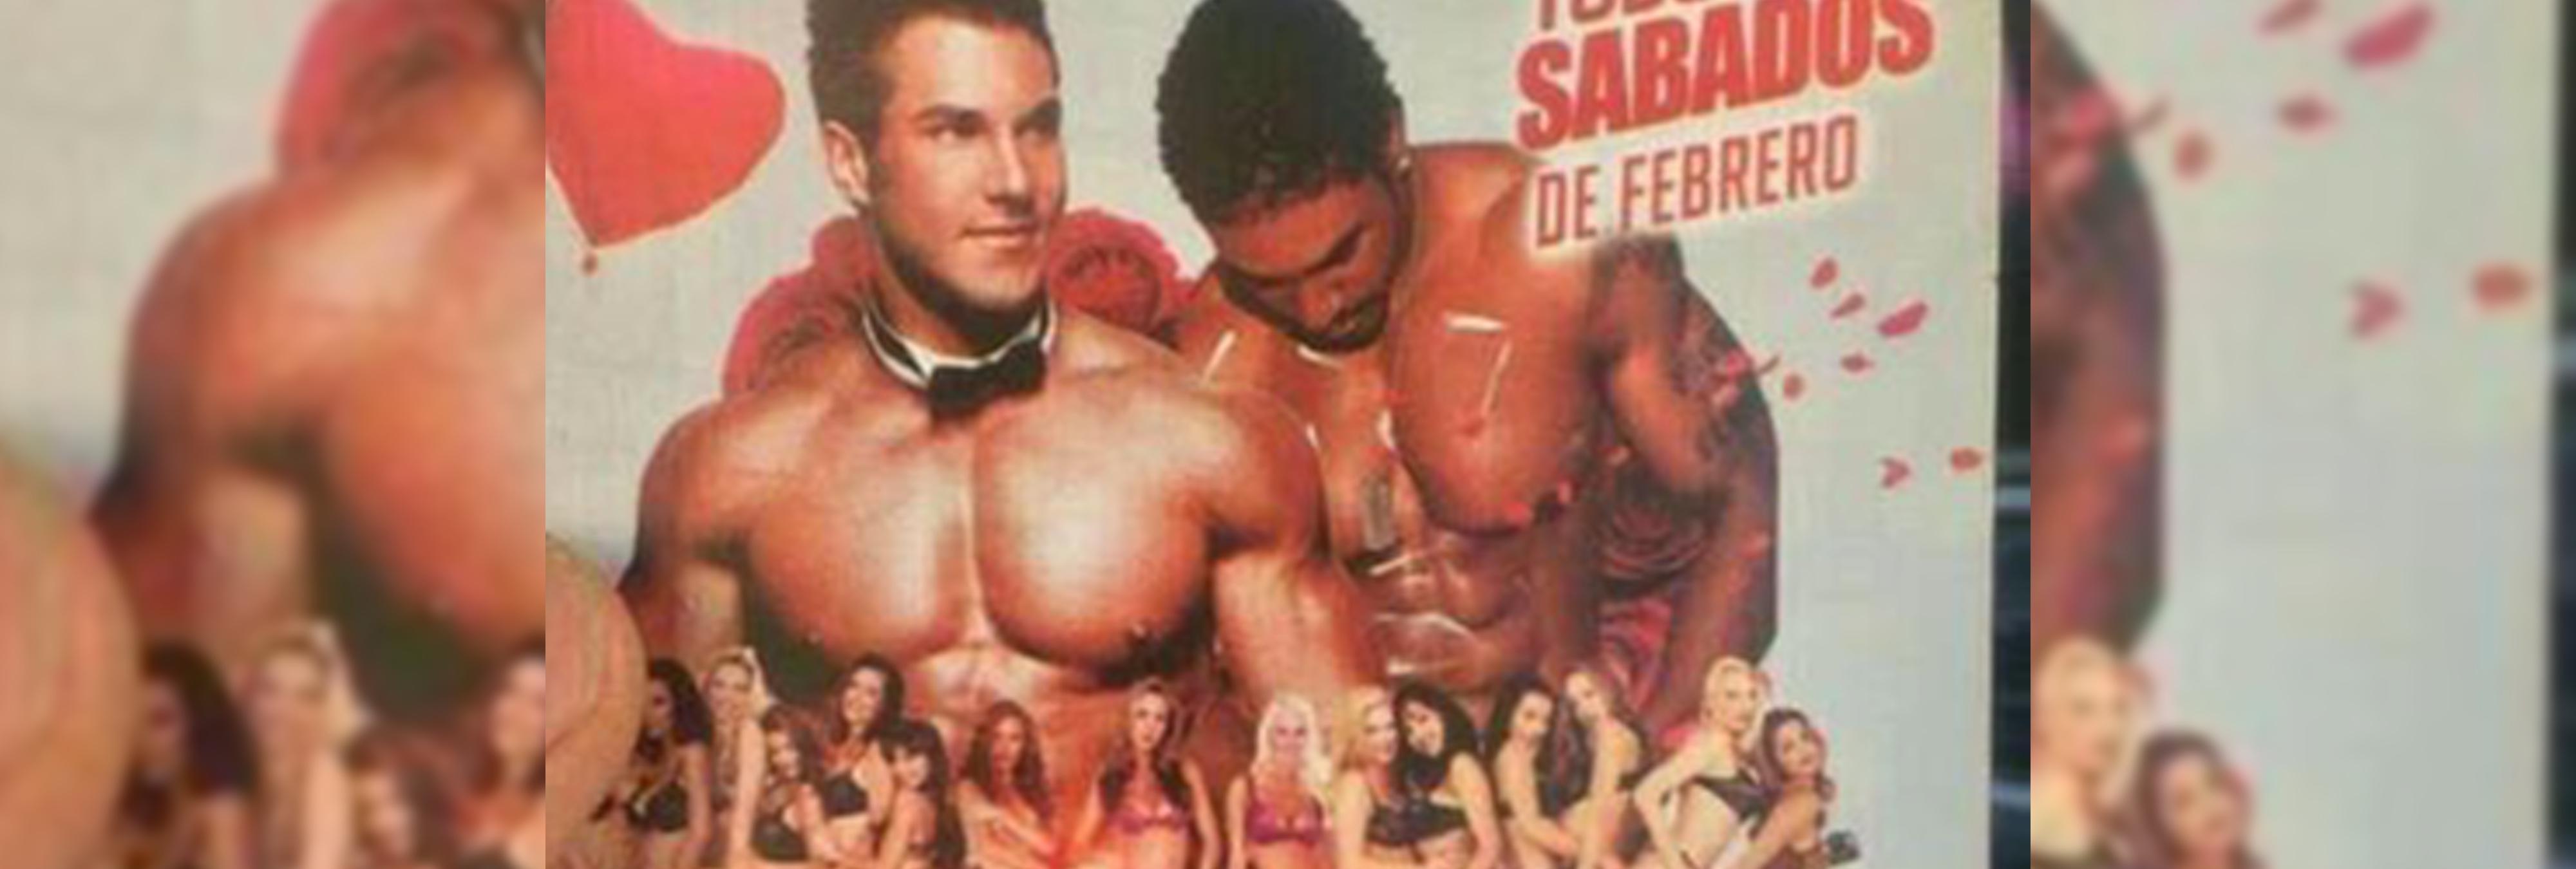 100 euros por ir sin bragas: la última oferta machista de una discoteca barcelonesa